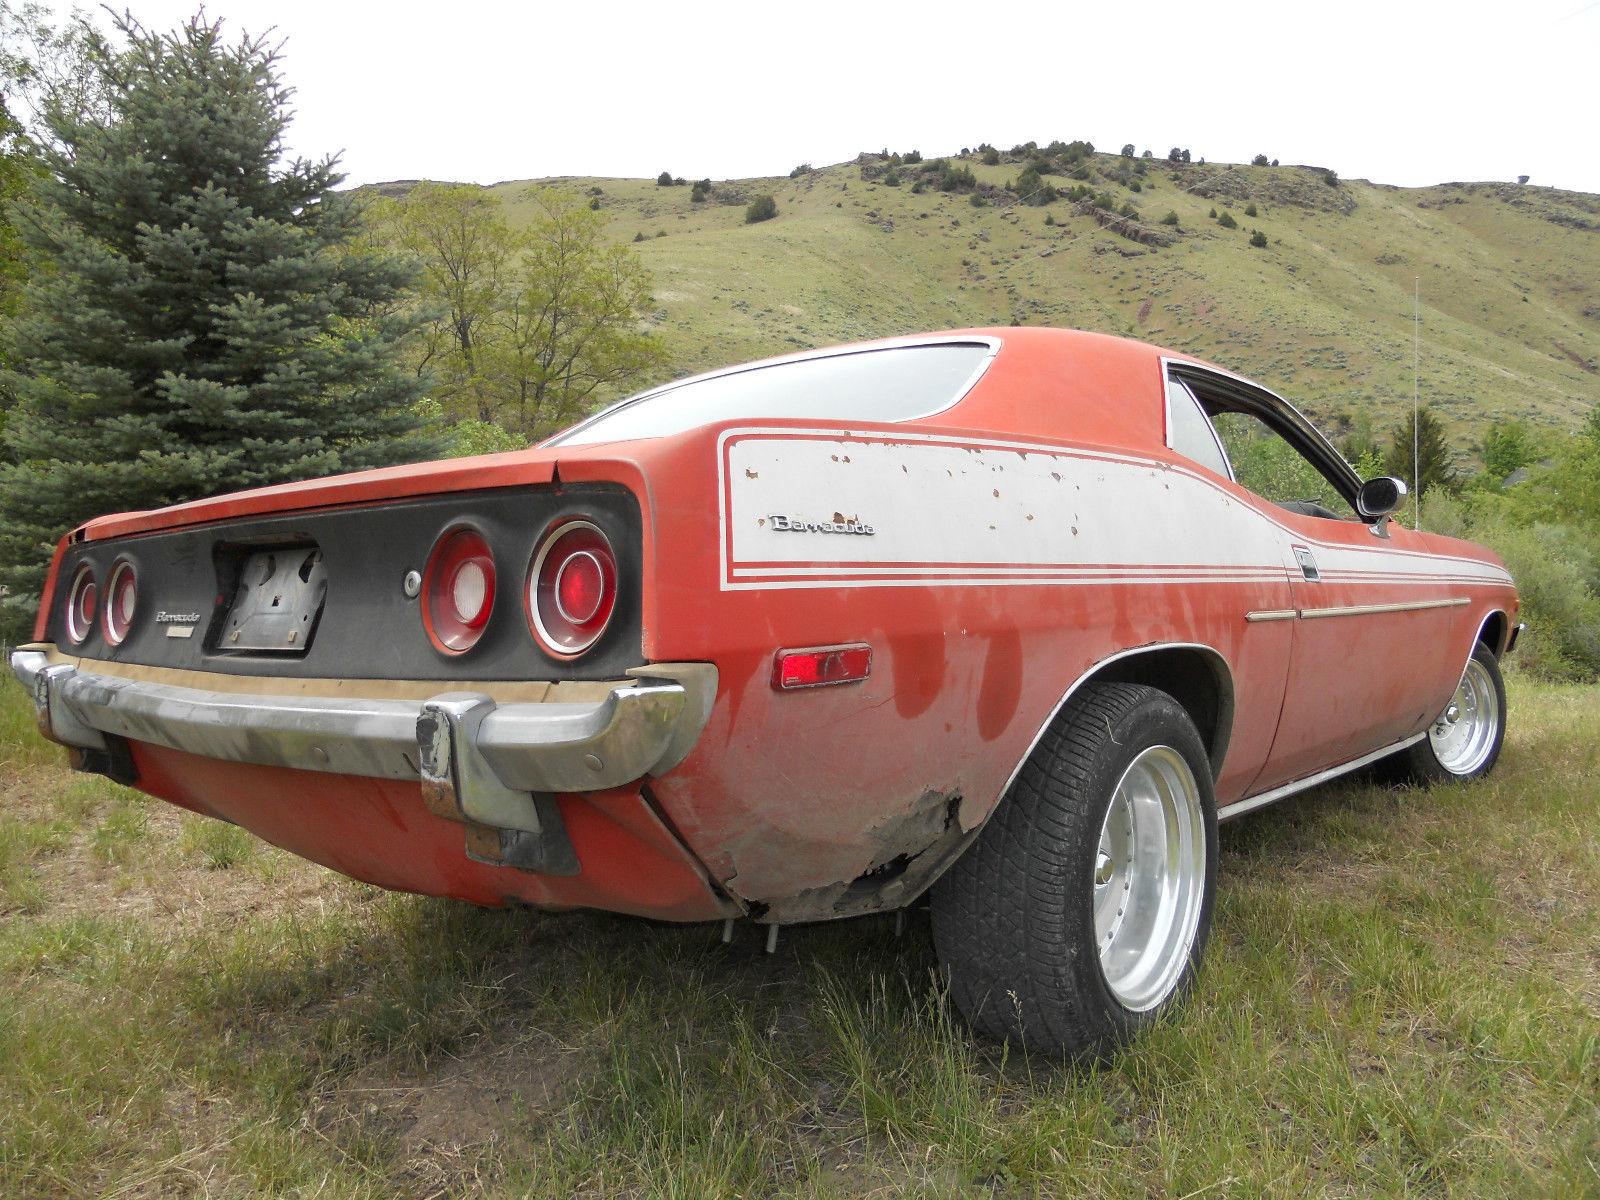 1974PlymouthBarracuda440mopar